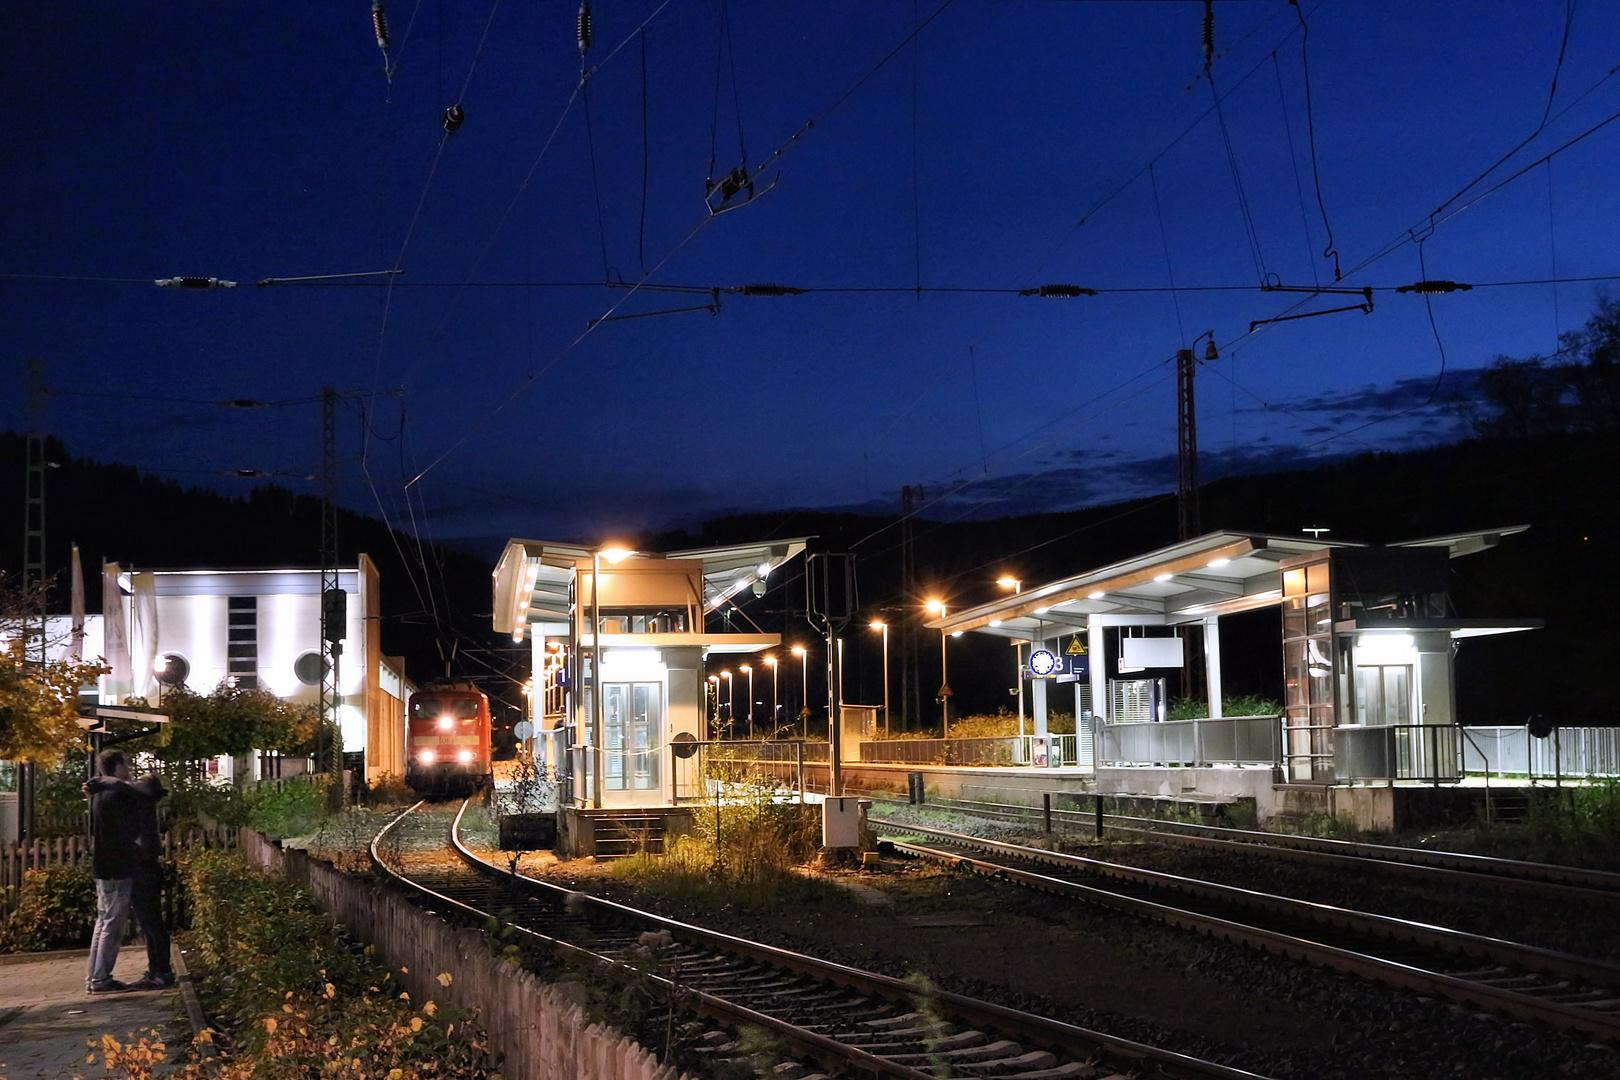 Lennestadt-Altenhundem, Bahnhofsszene